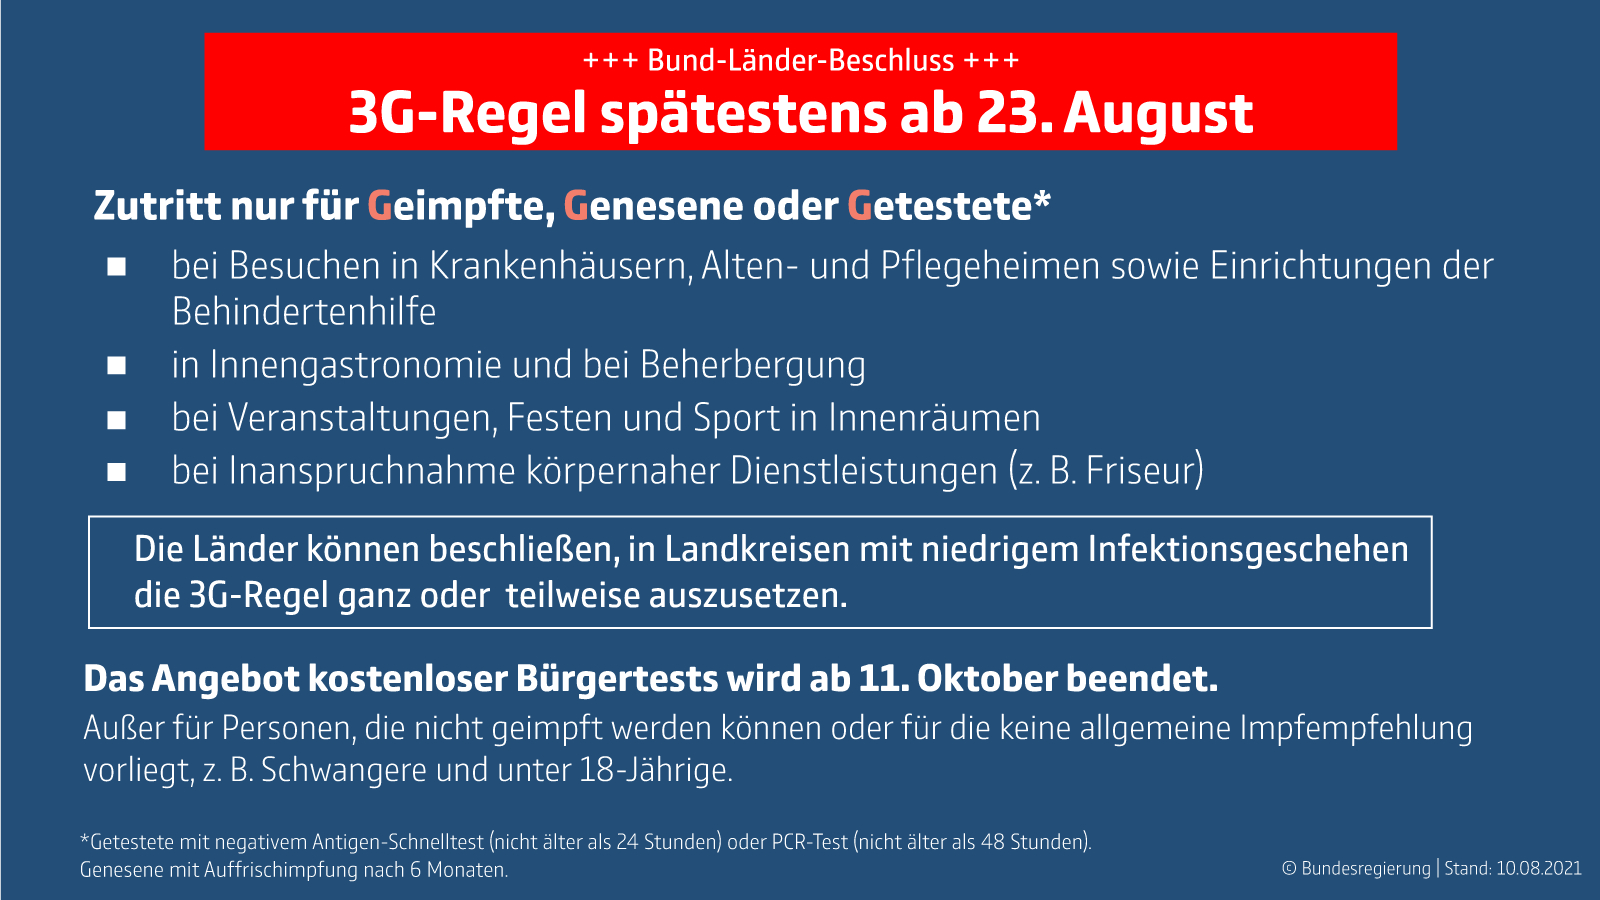 Bund-Länder-Beschluss vom 10.8.2021